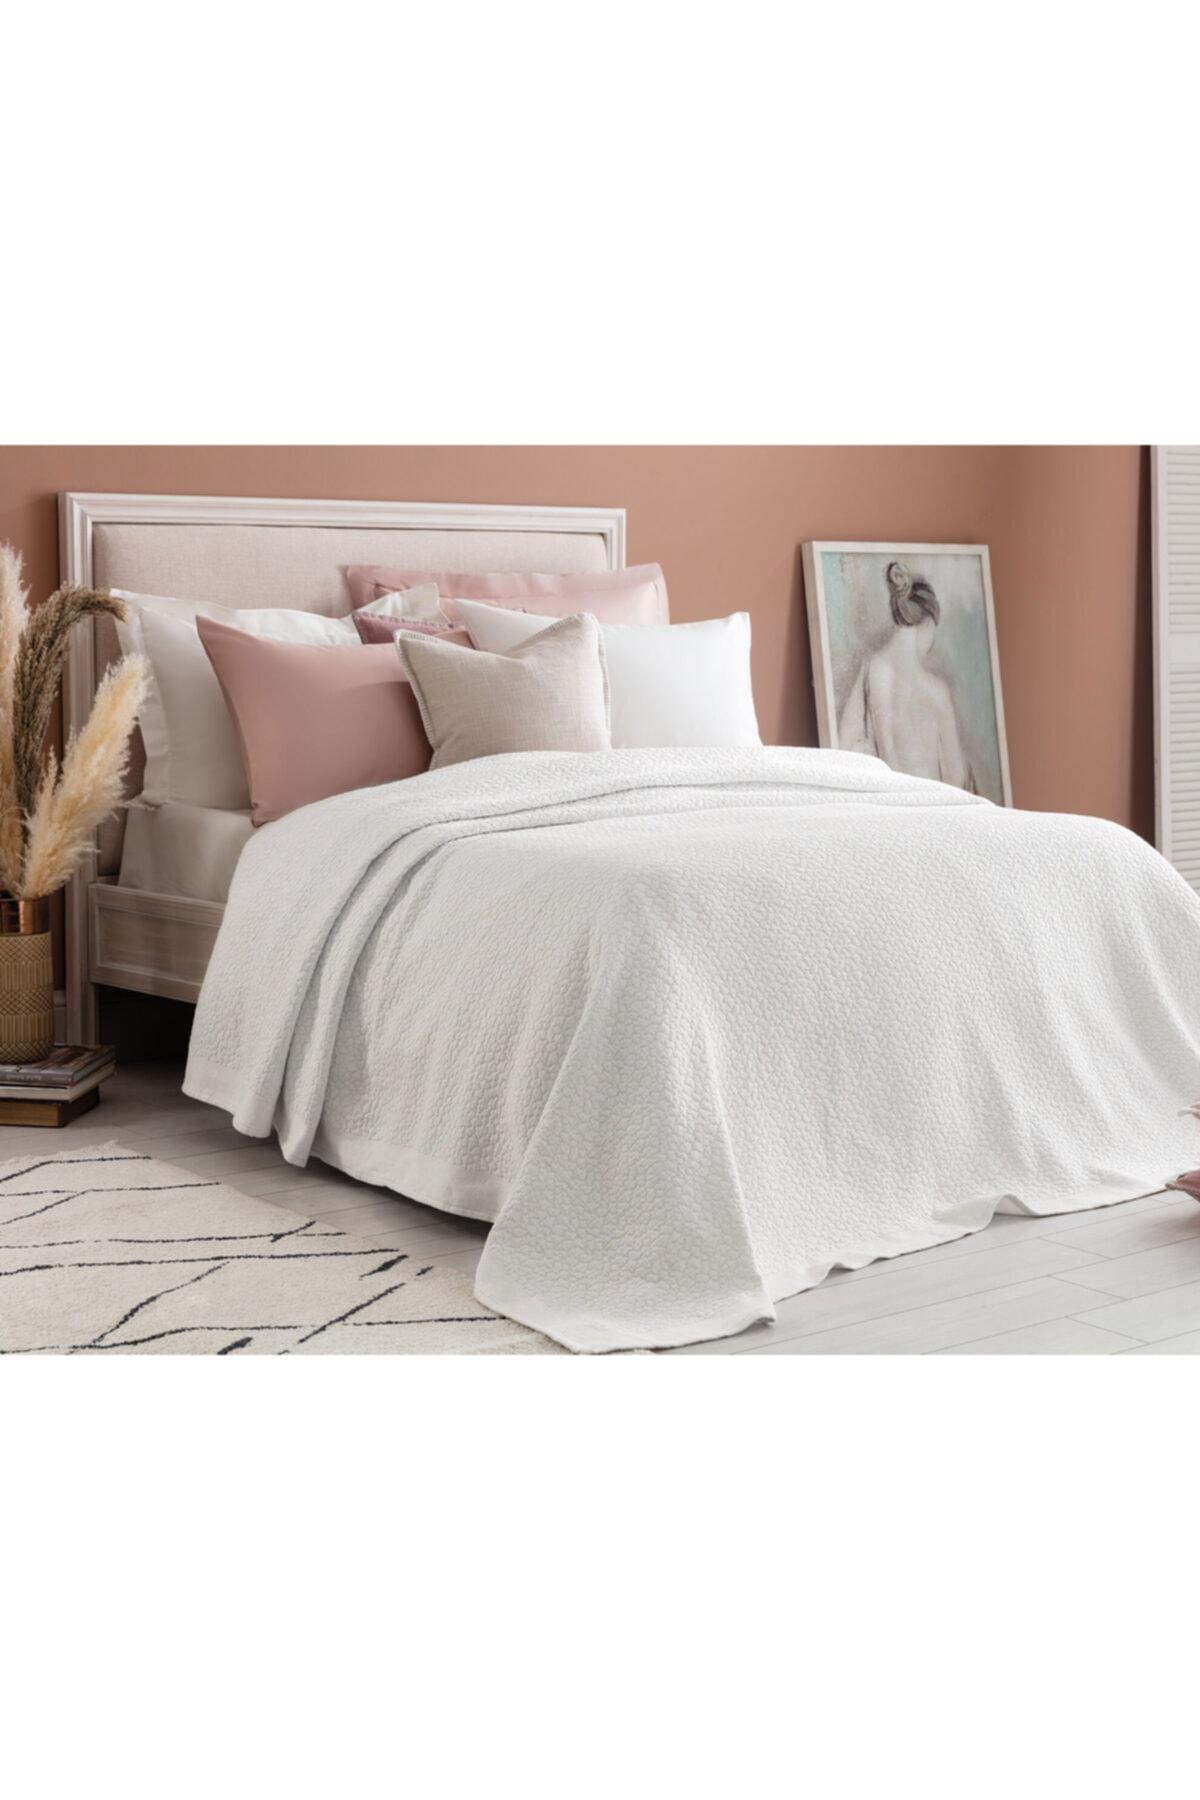 Eugenia Çift Kişilik Yatak Örtüsü - Beyaz